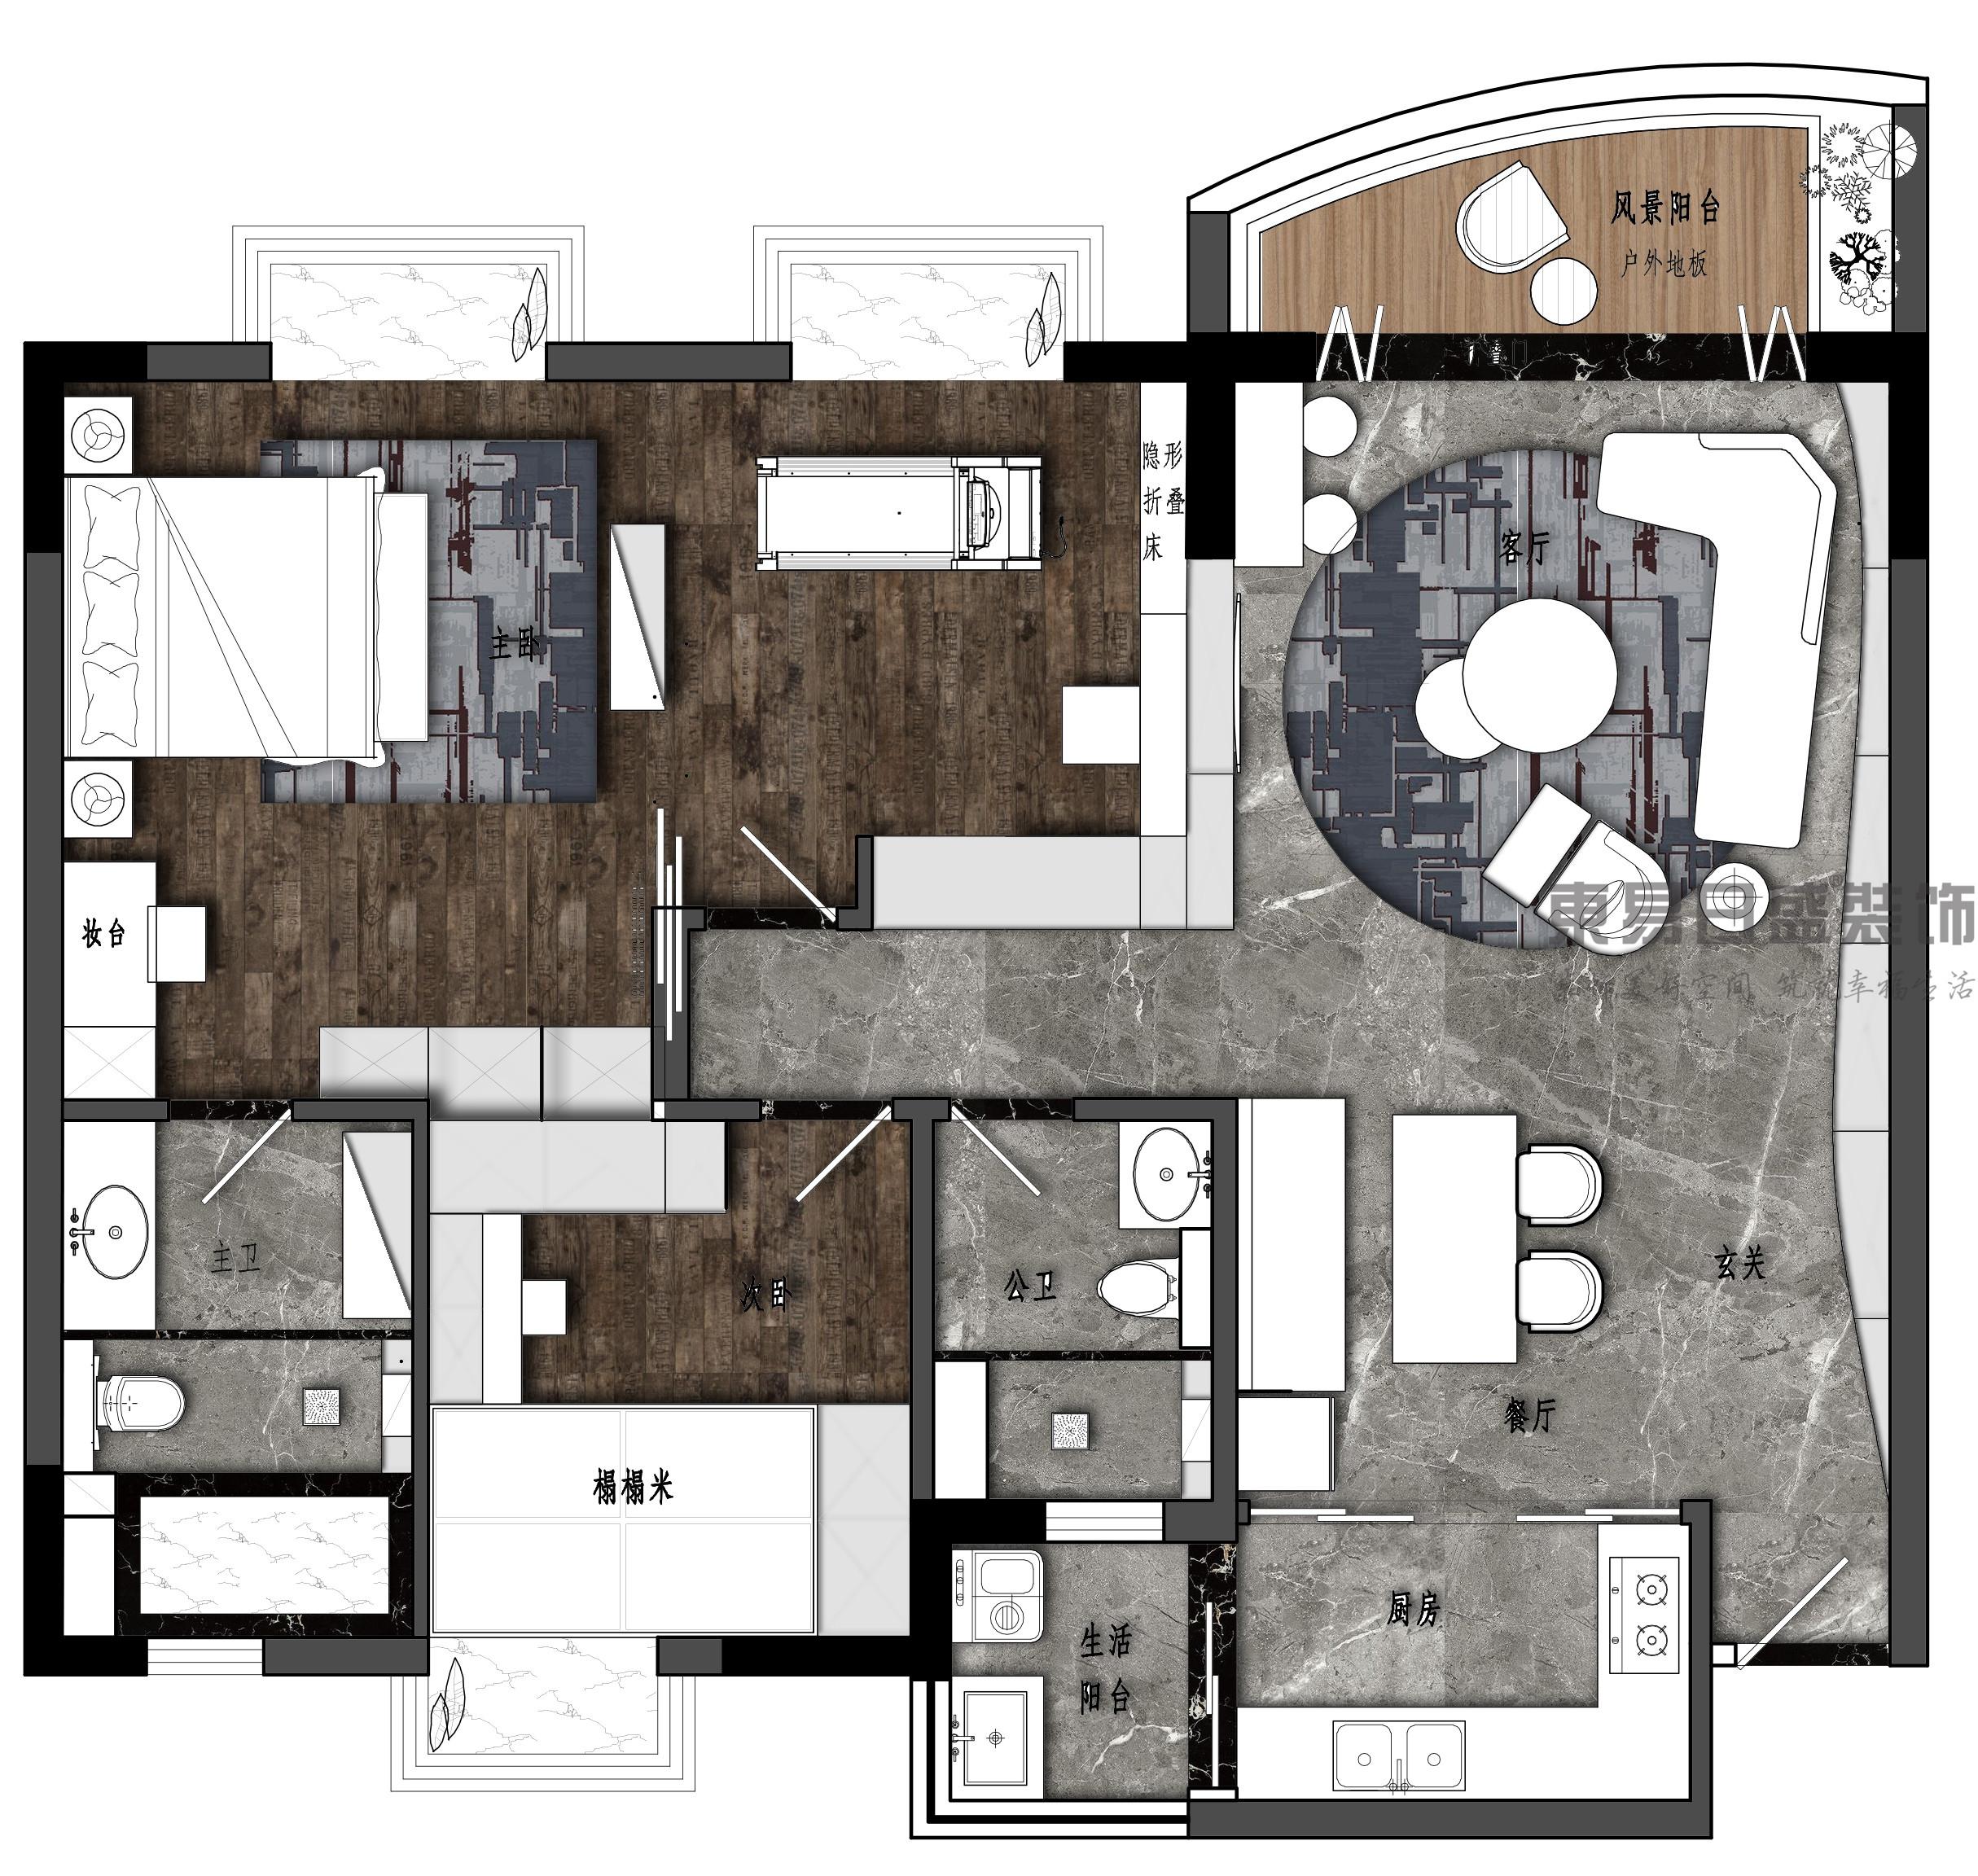 横沥东成花园-127㎡Loft风格二居室装修效果图装修设计理念